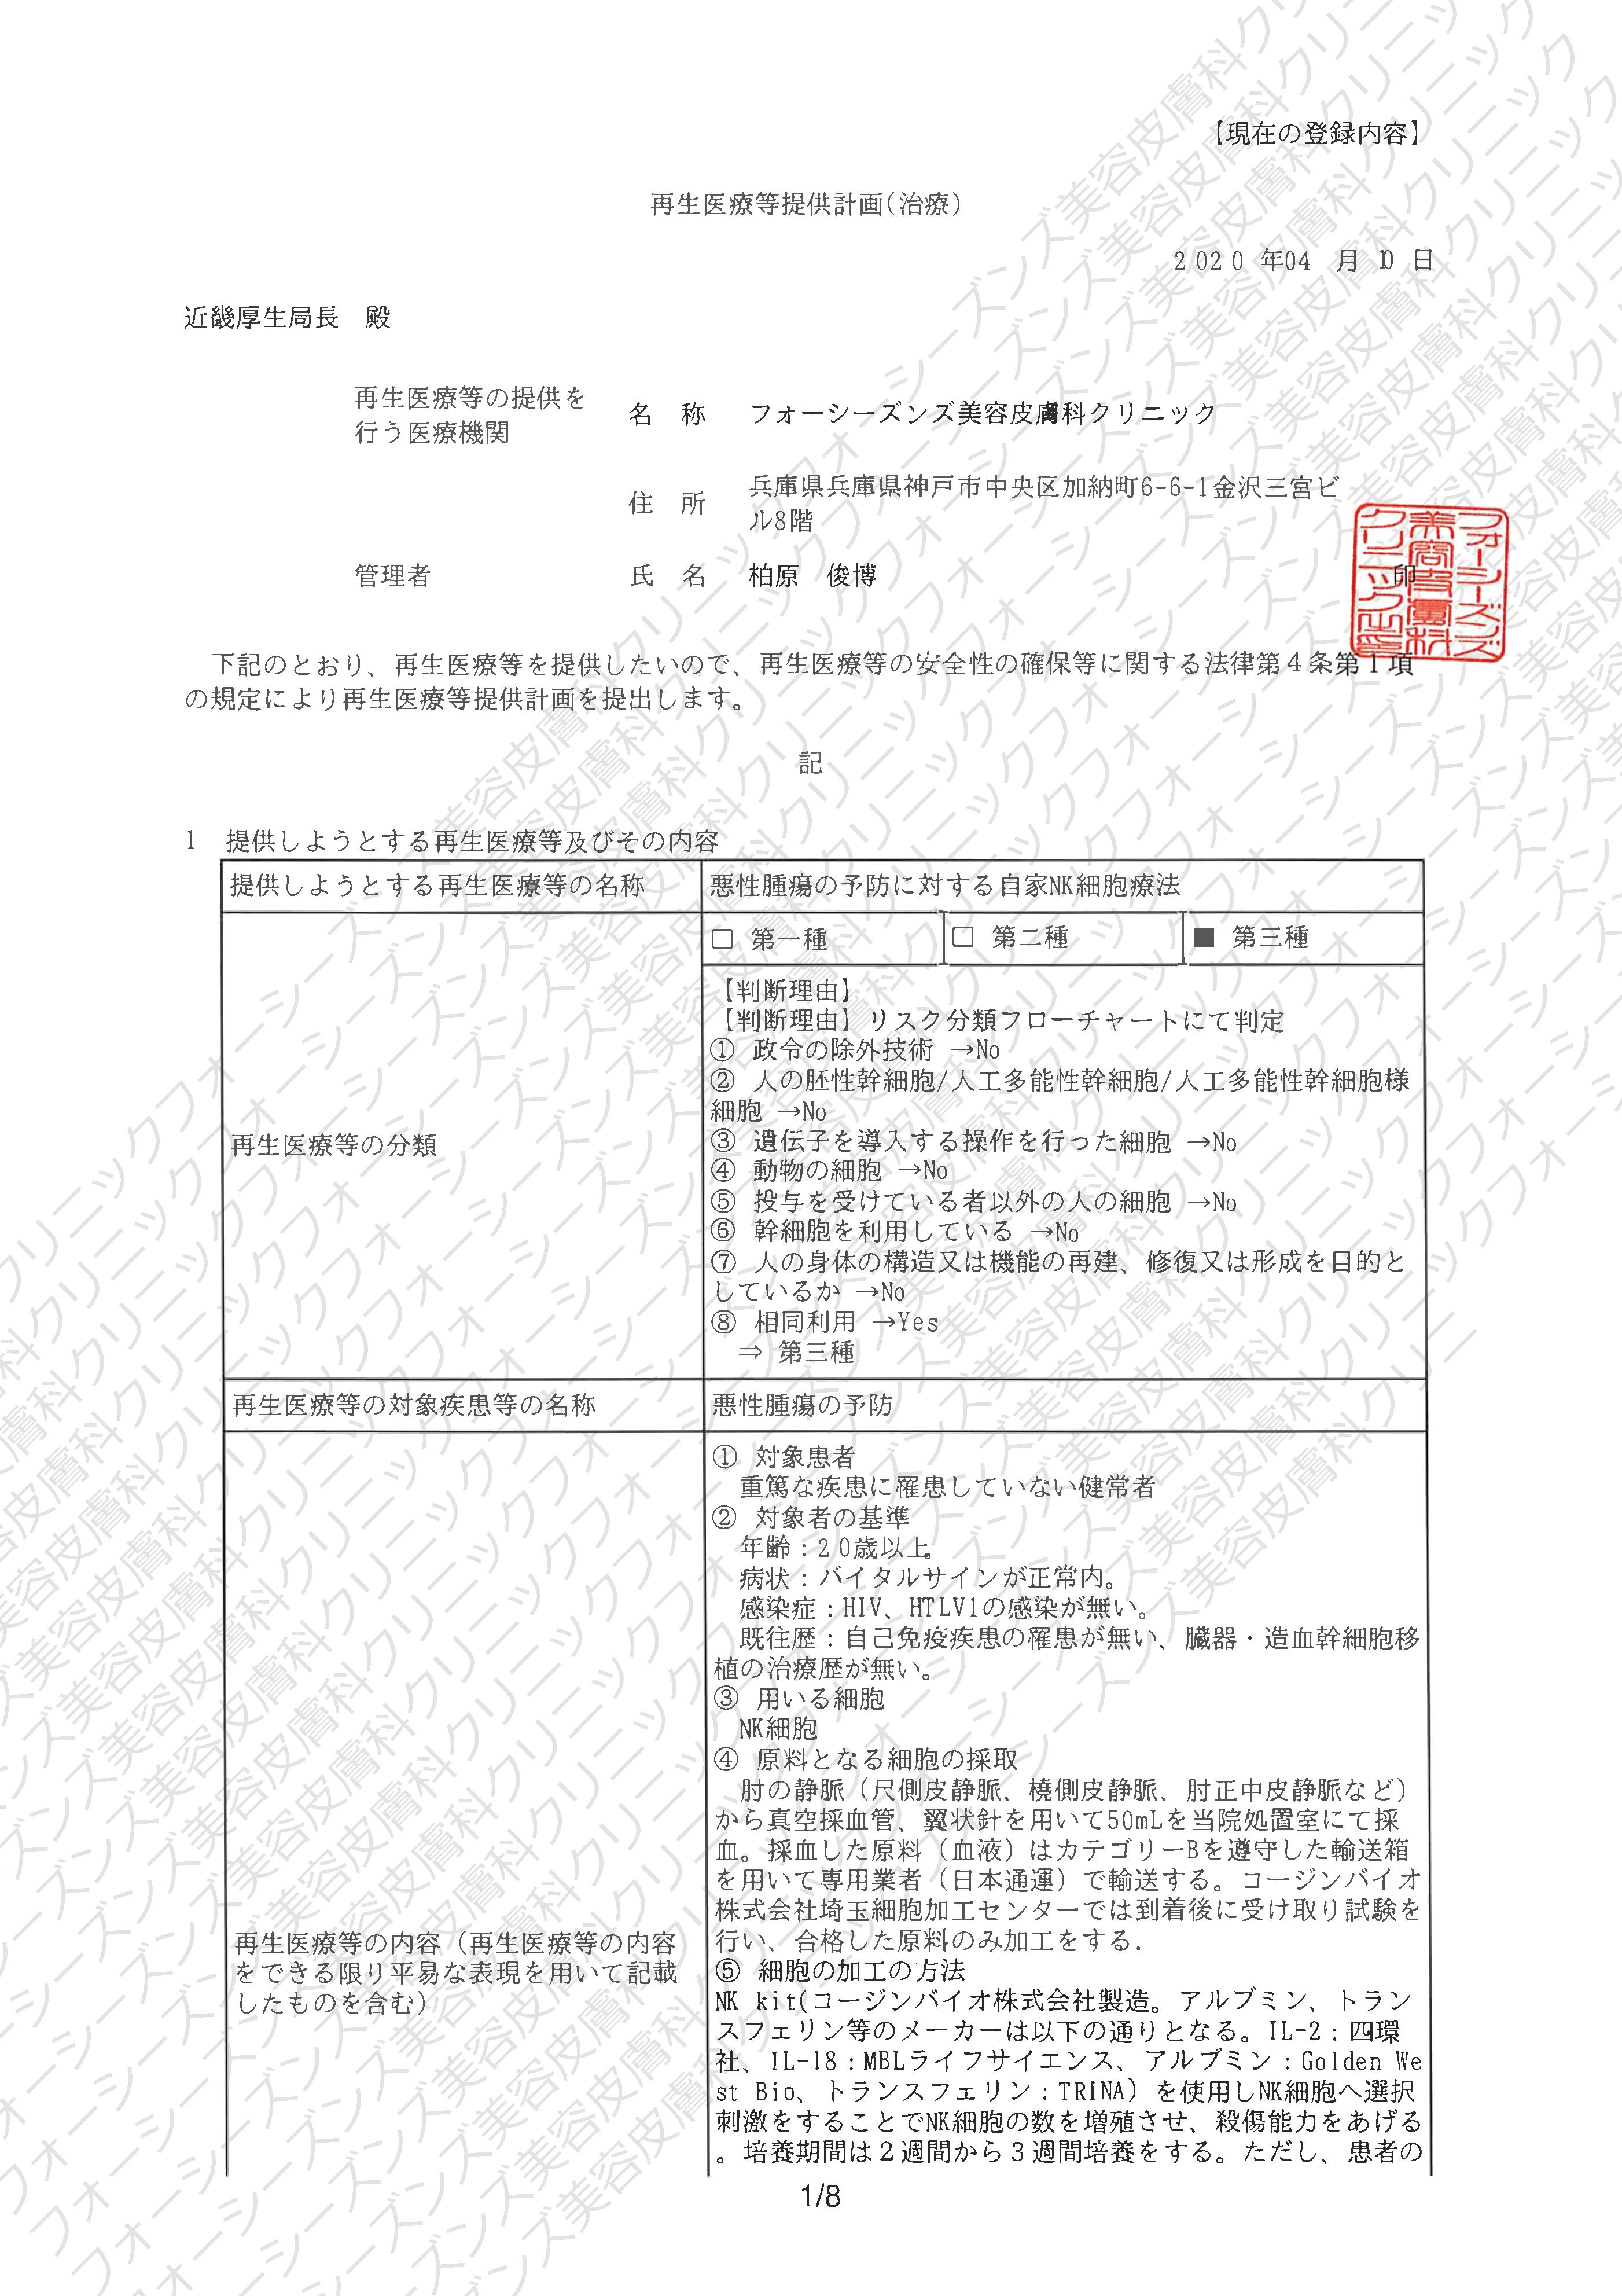 NK細胞計画番号